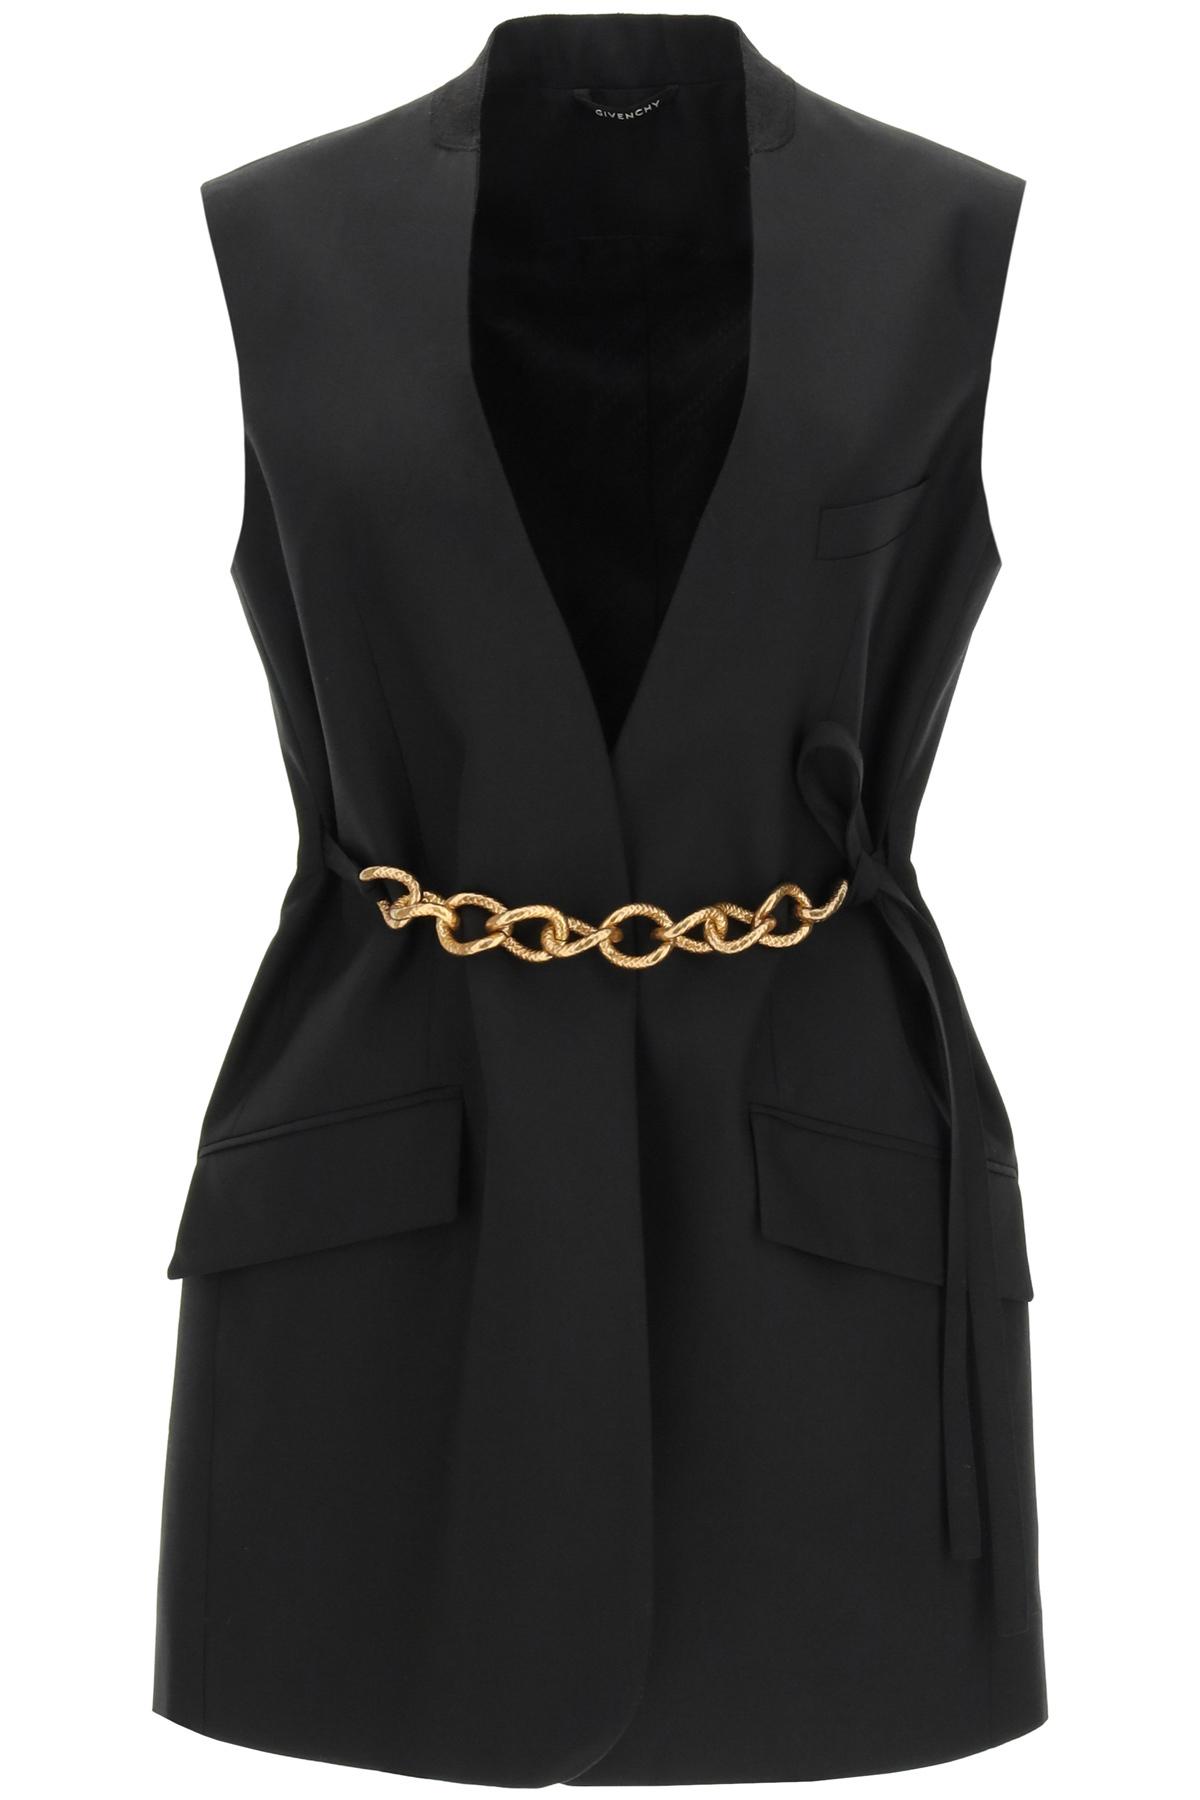 Givenchy giacca senza maniche con catena